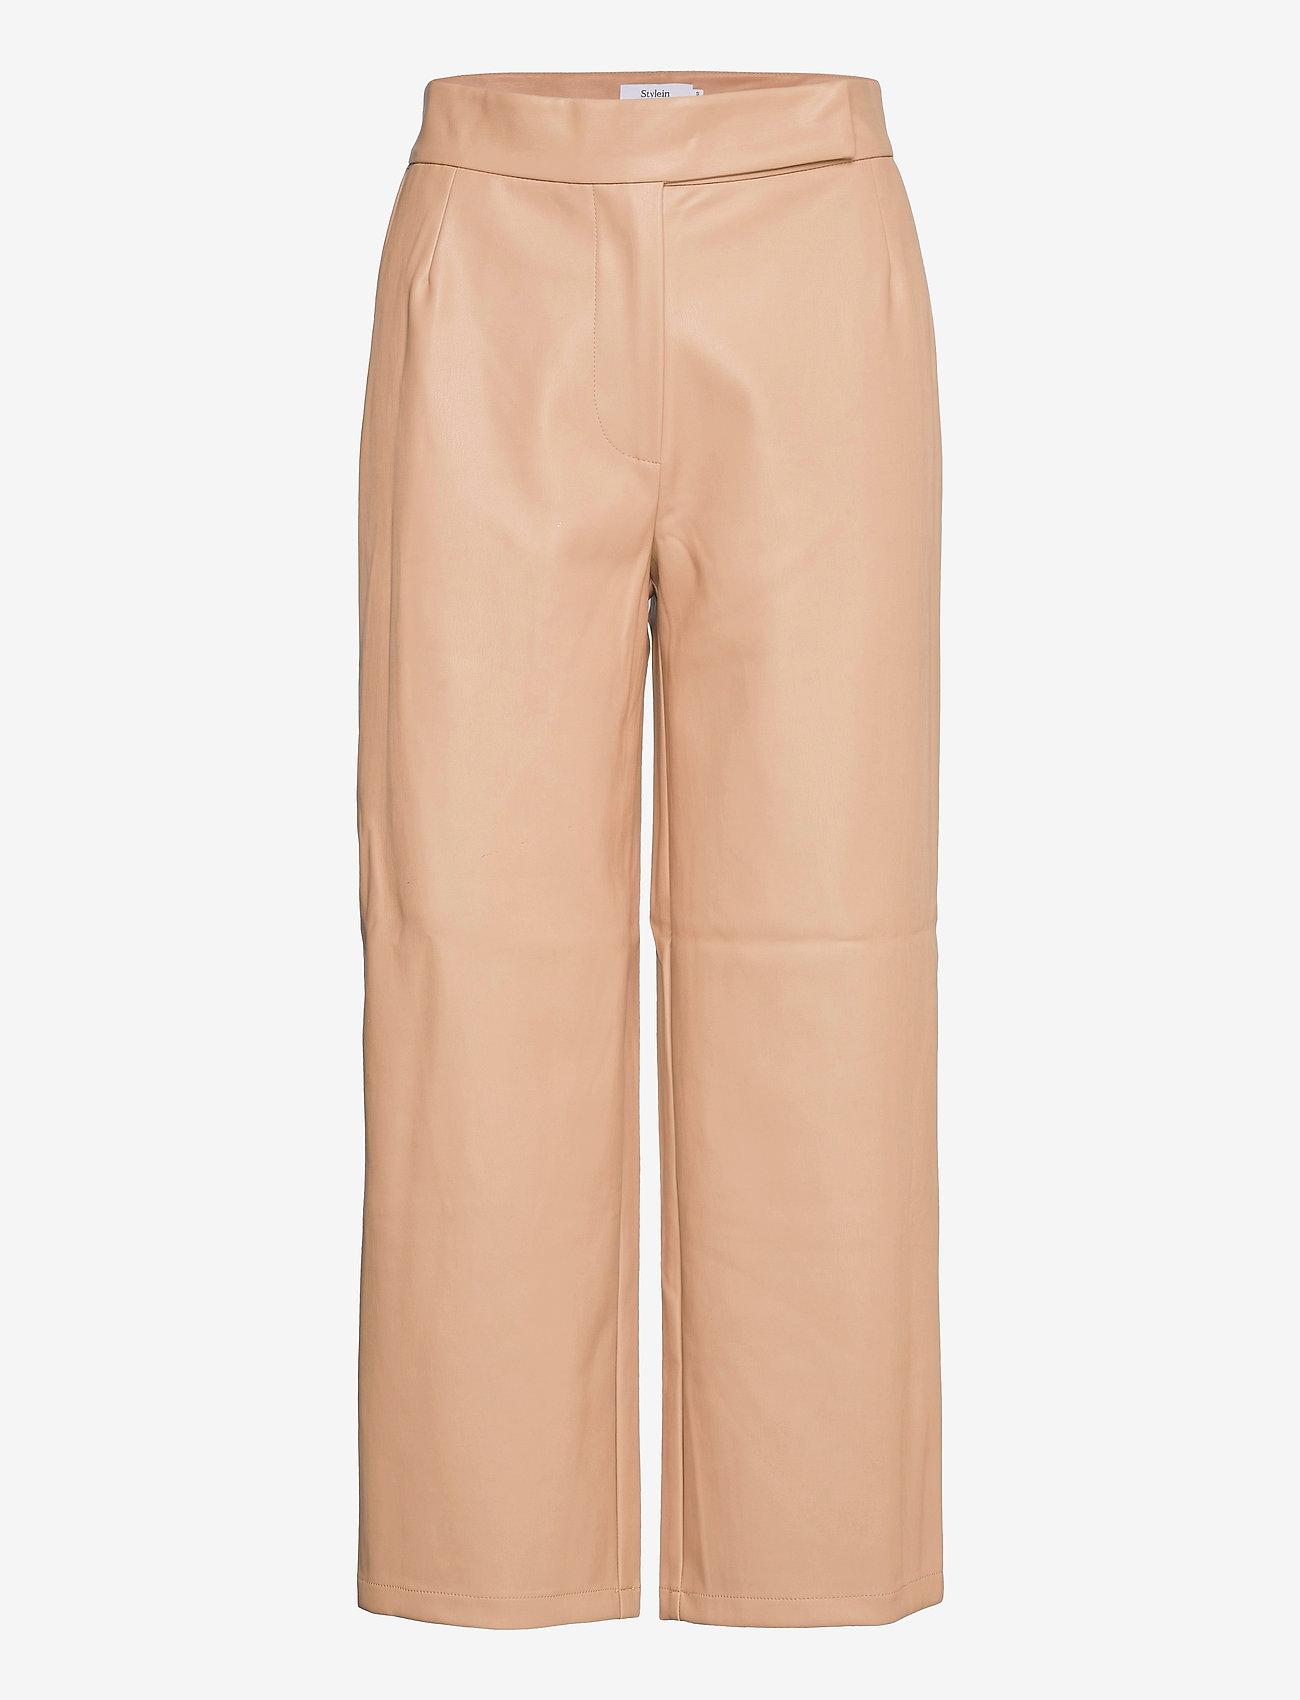 Stylein - VIVIEN TROUSERS - læderbukser - beige - 1